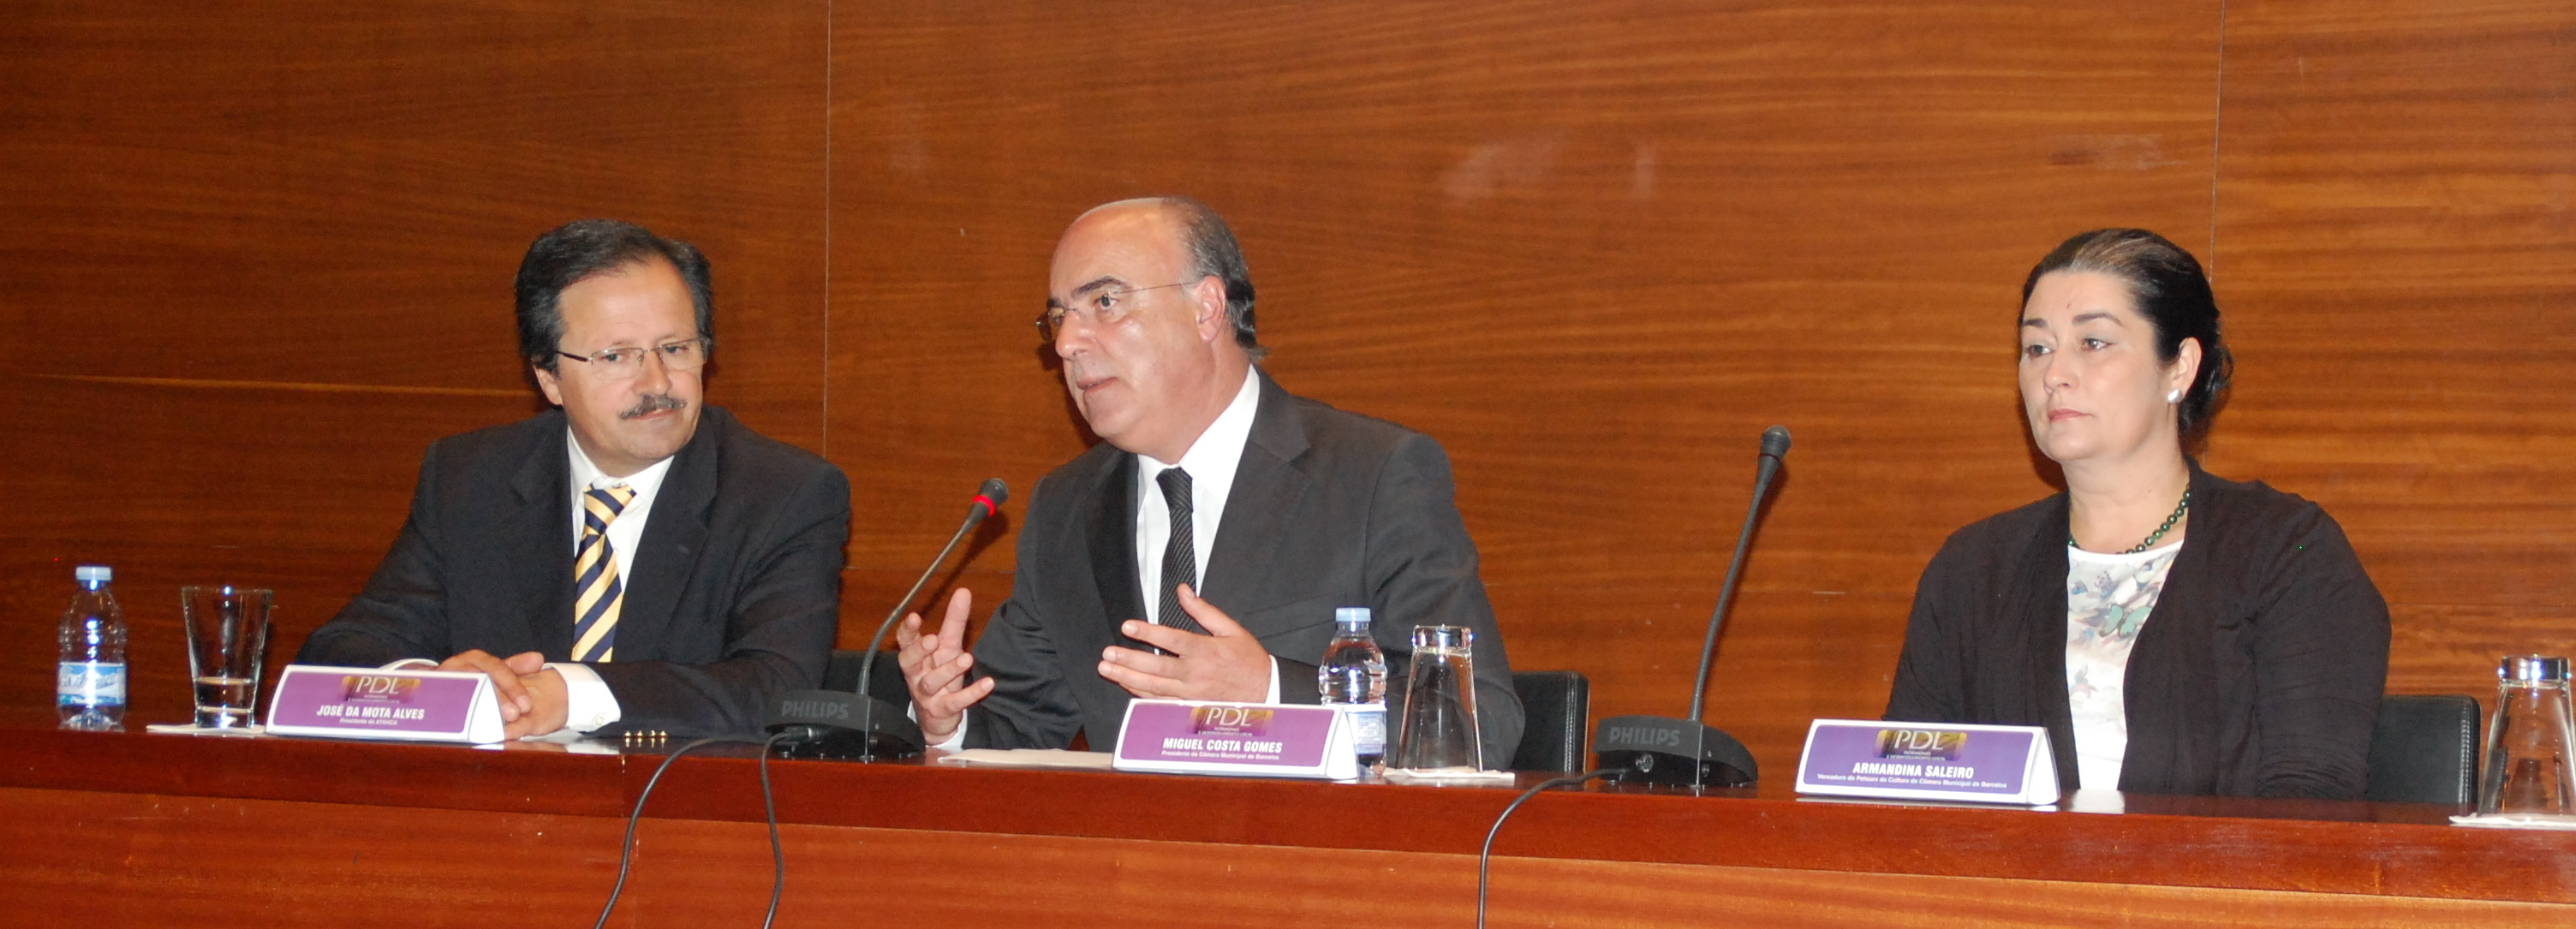 Barcelos juntou especialistas internacionais para discutir vantagens da reabilitação do património